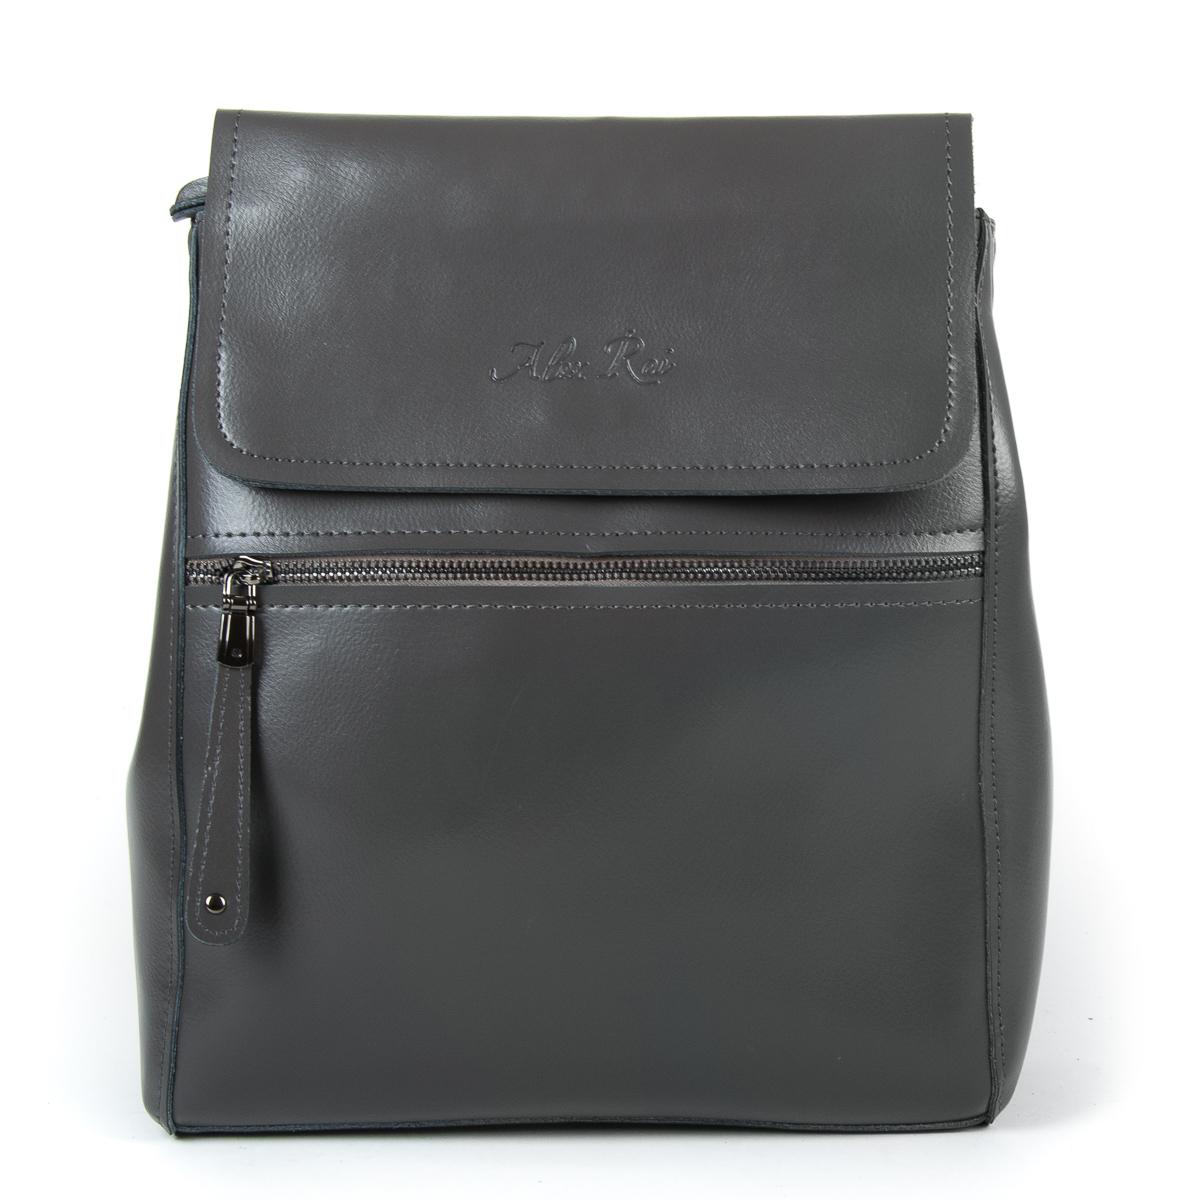 Сумка Женская Рюкзак кожа ALEX RAI 9-01 1005 grey